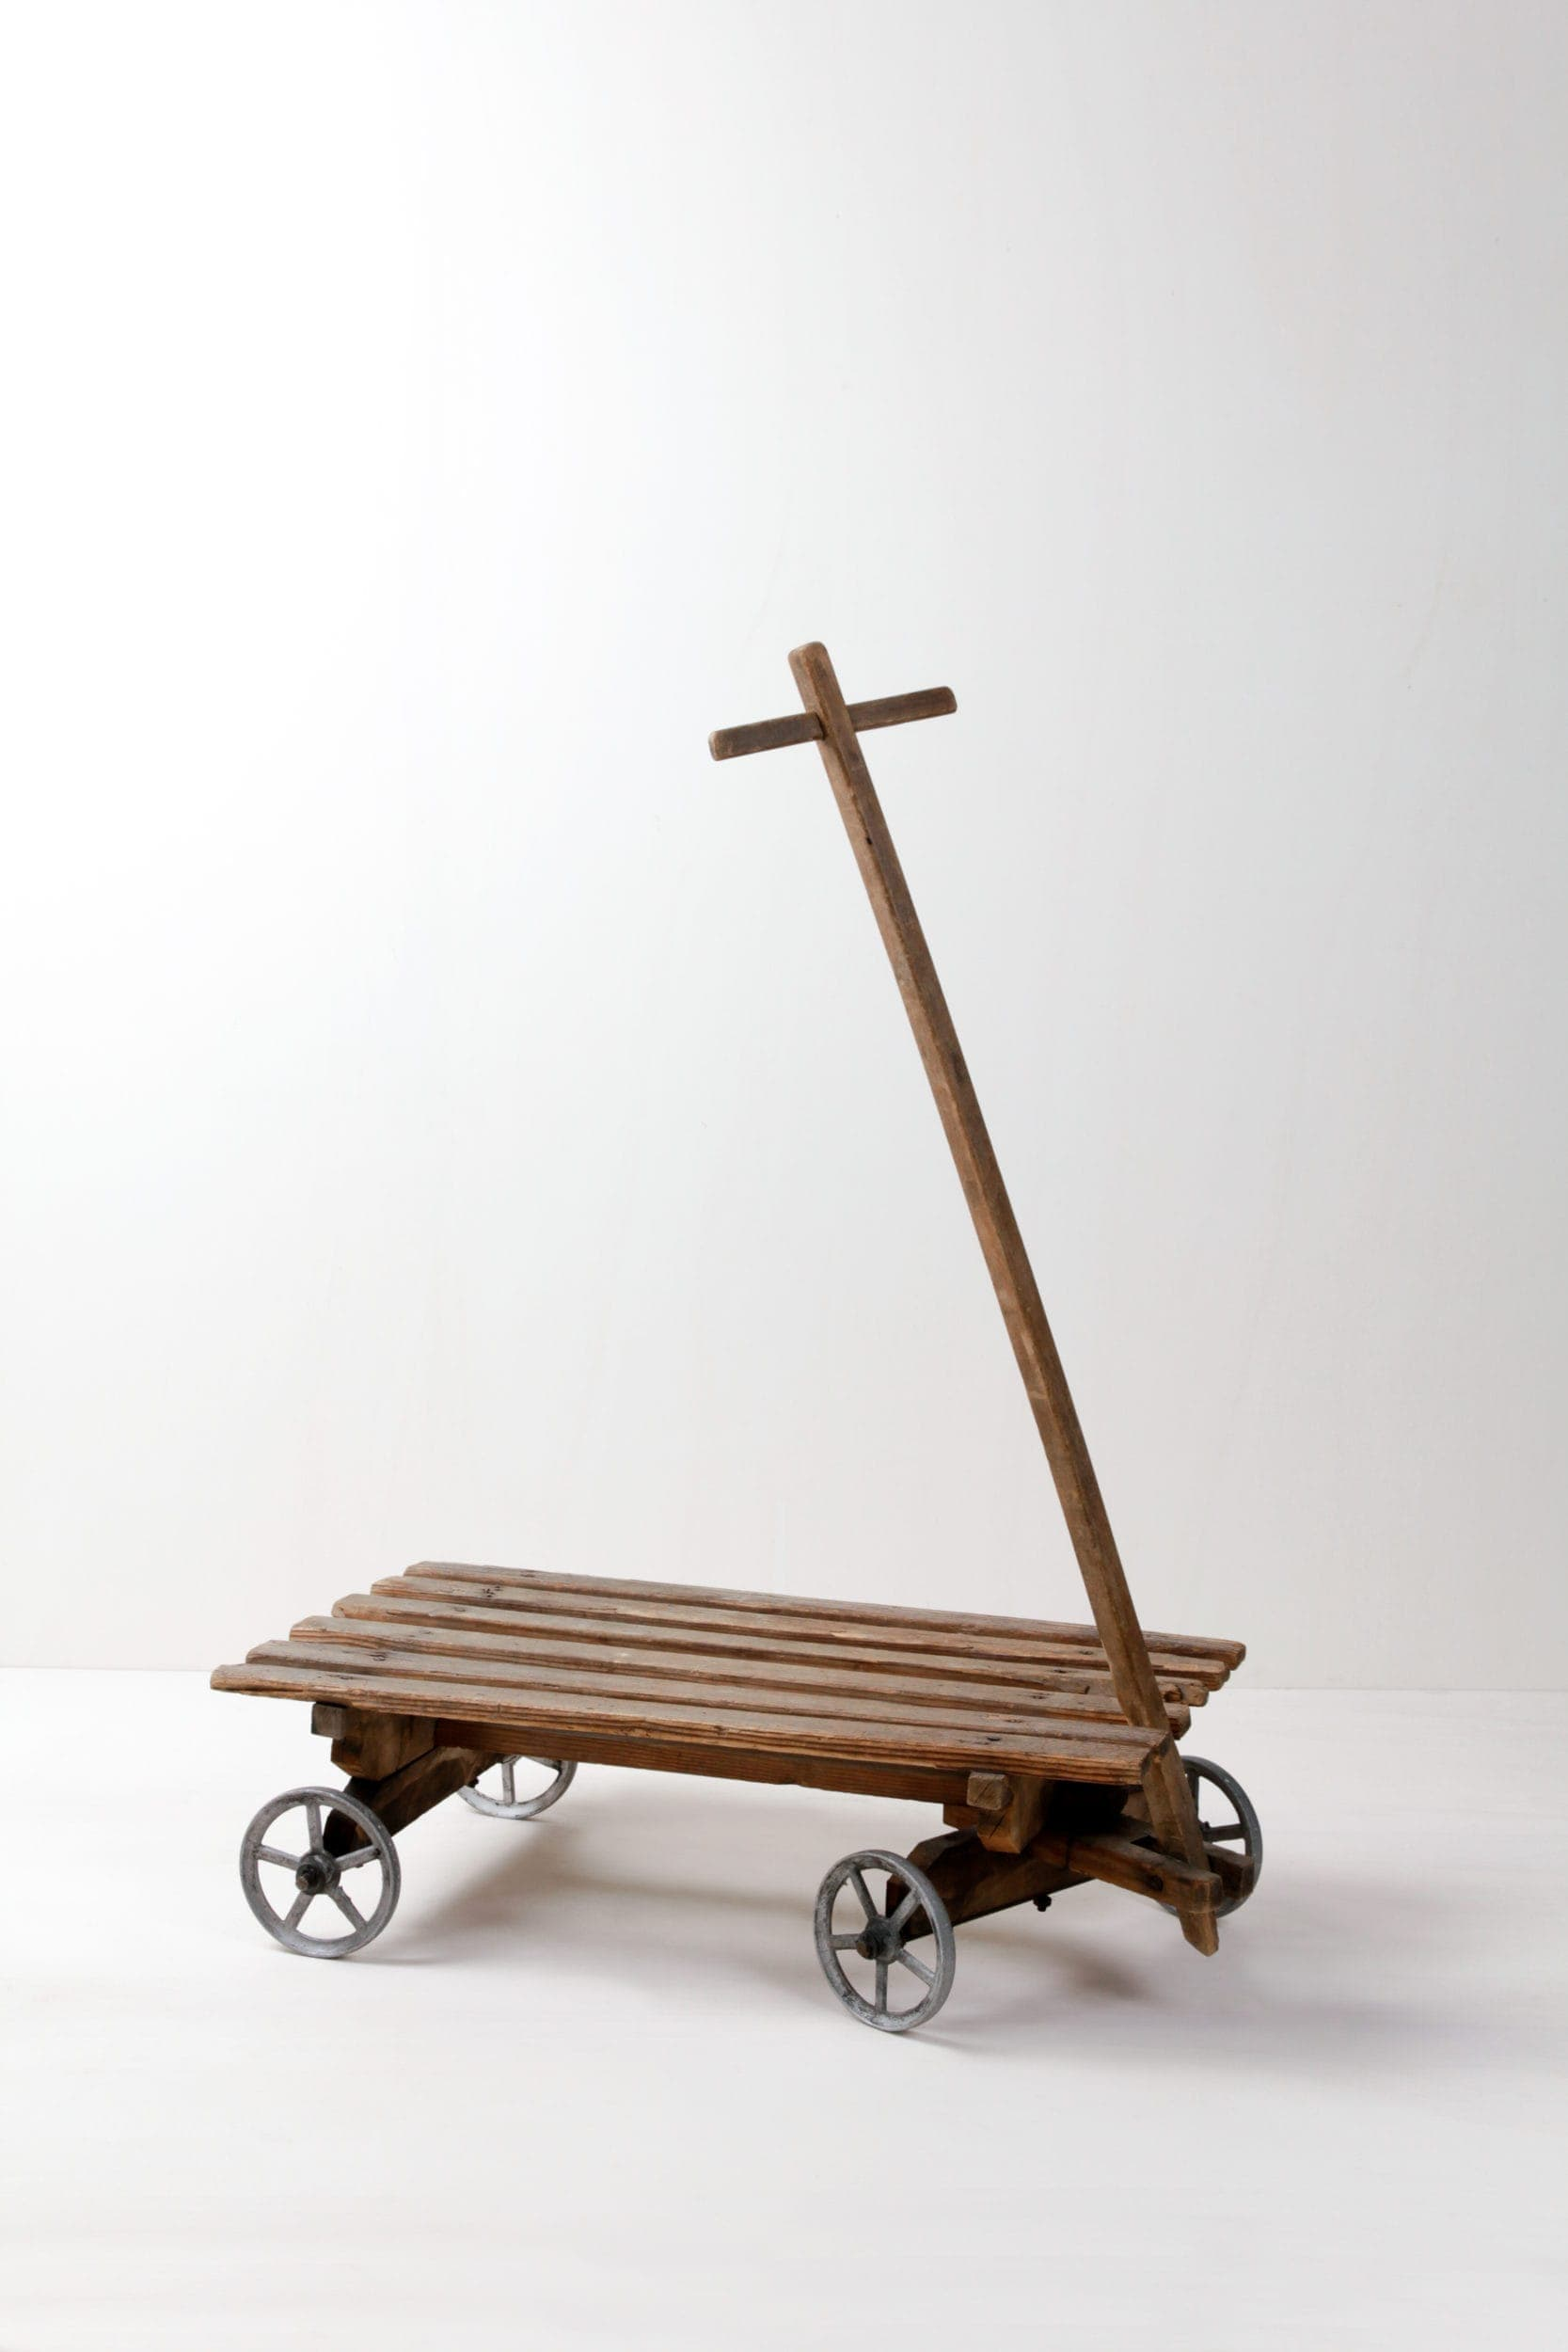 Bollerwagen, Kinderspielzeug, Beistelltische, Holzmöbel mieten